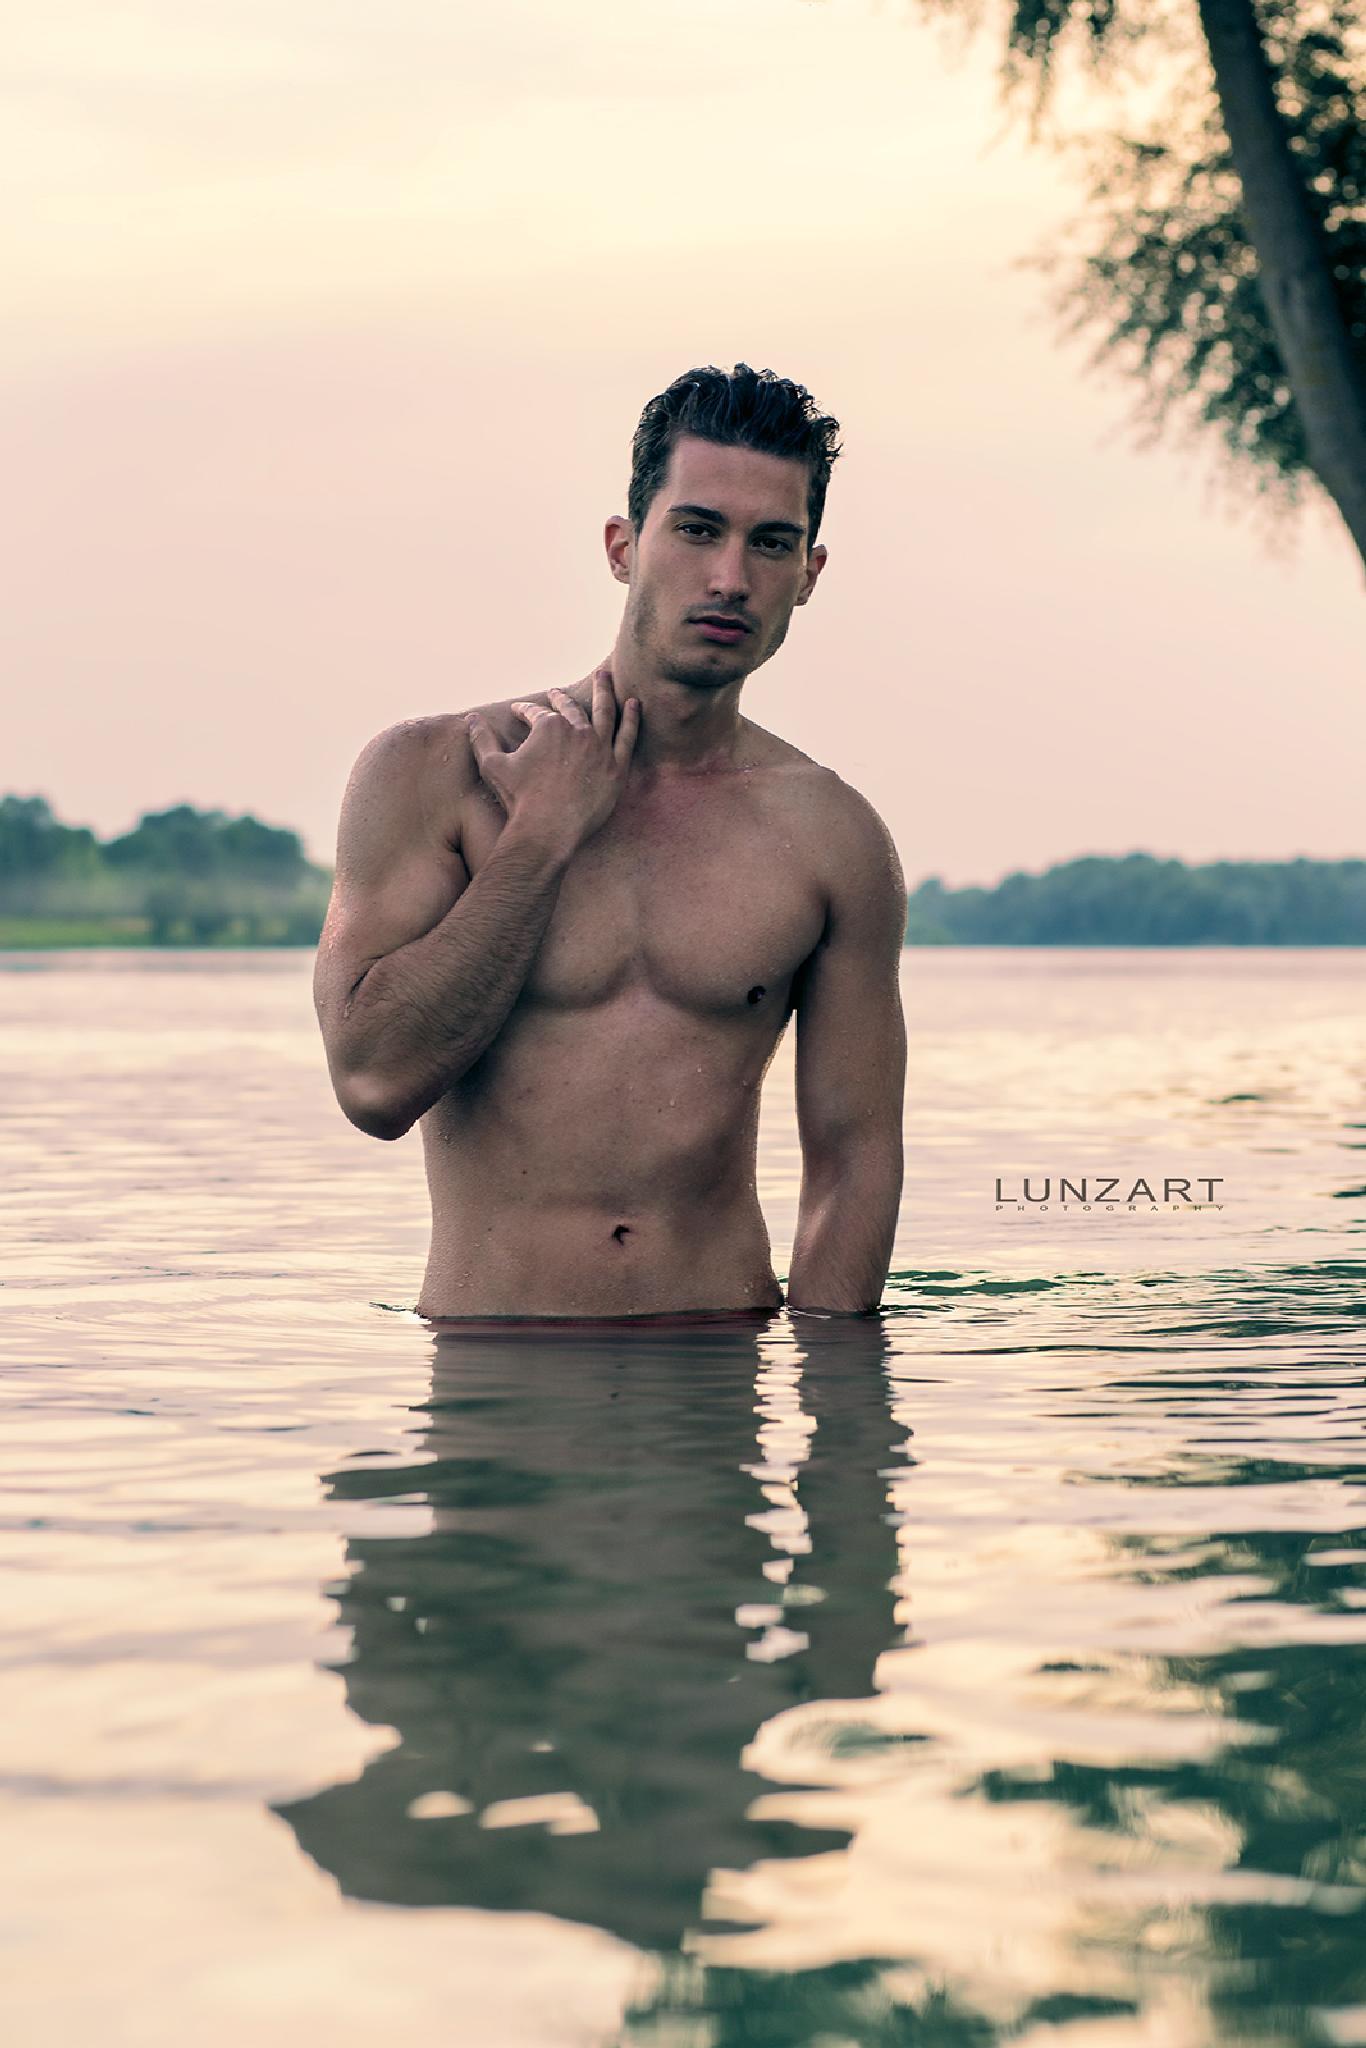 Hannes by LUNZART